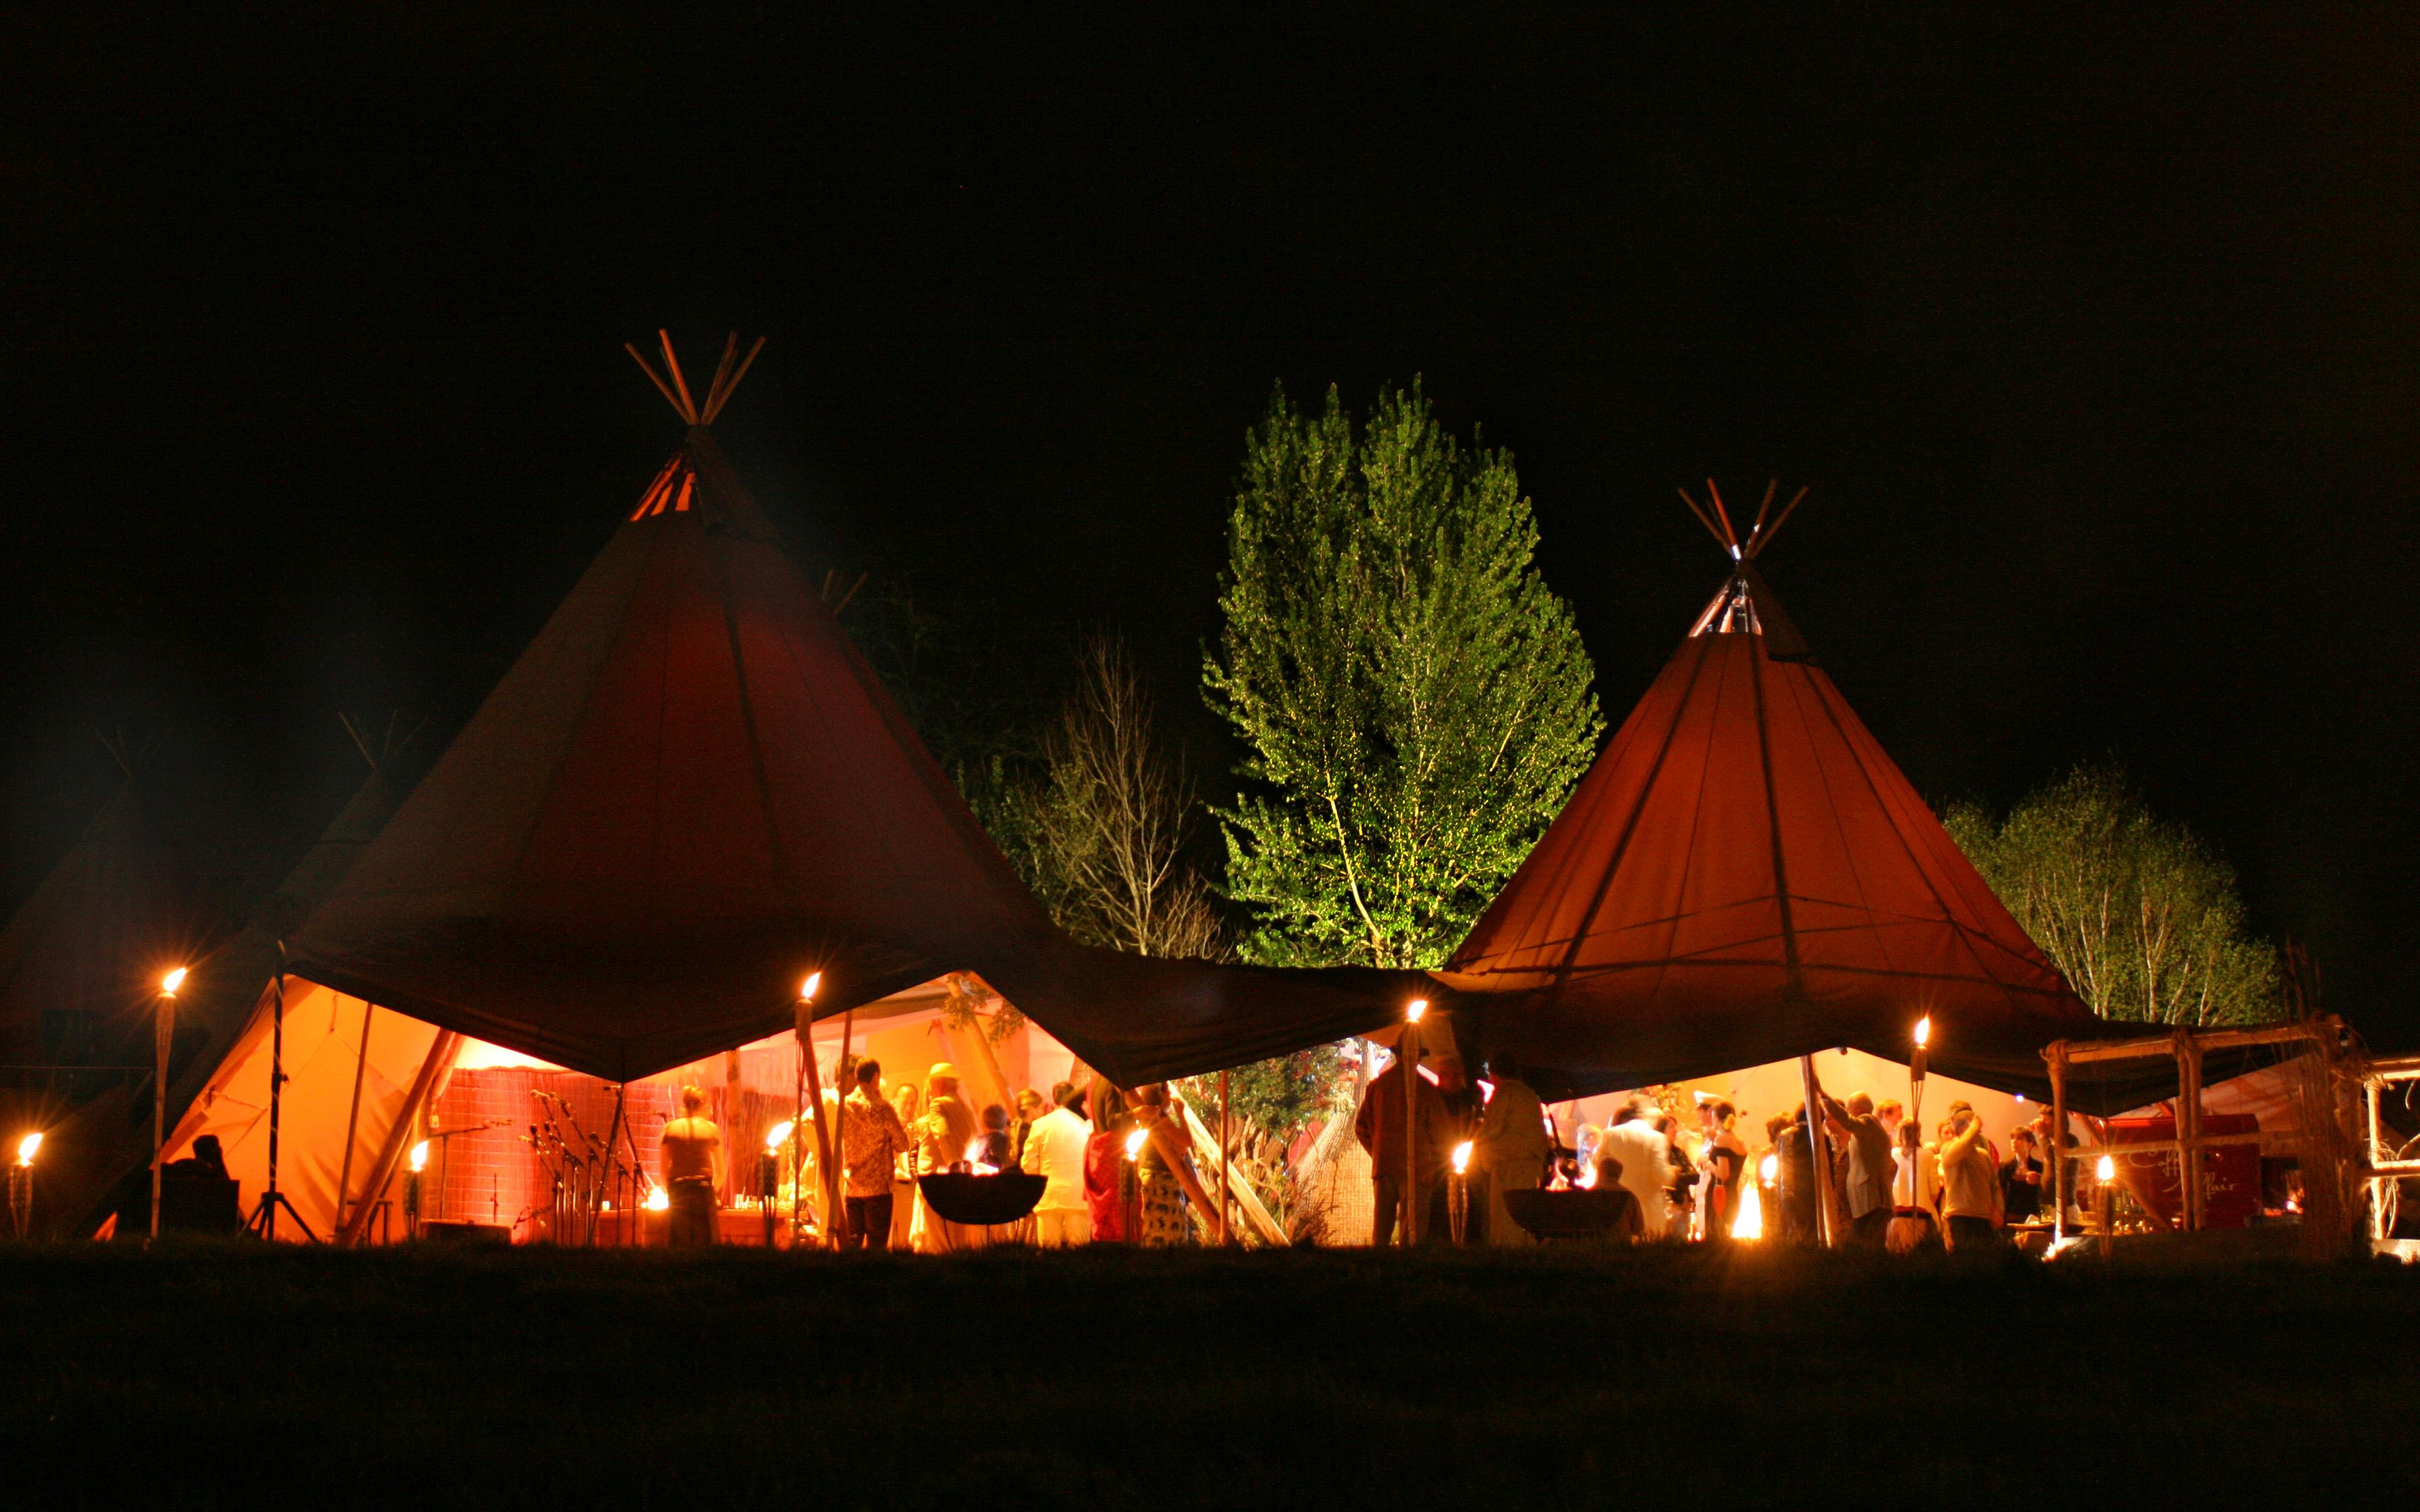 Celebración boda al aire libre con nuestras carpas tipis unidas